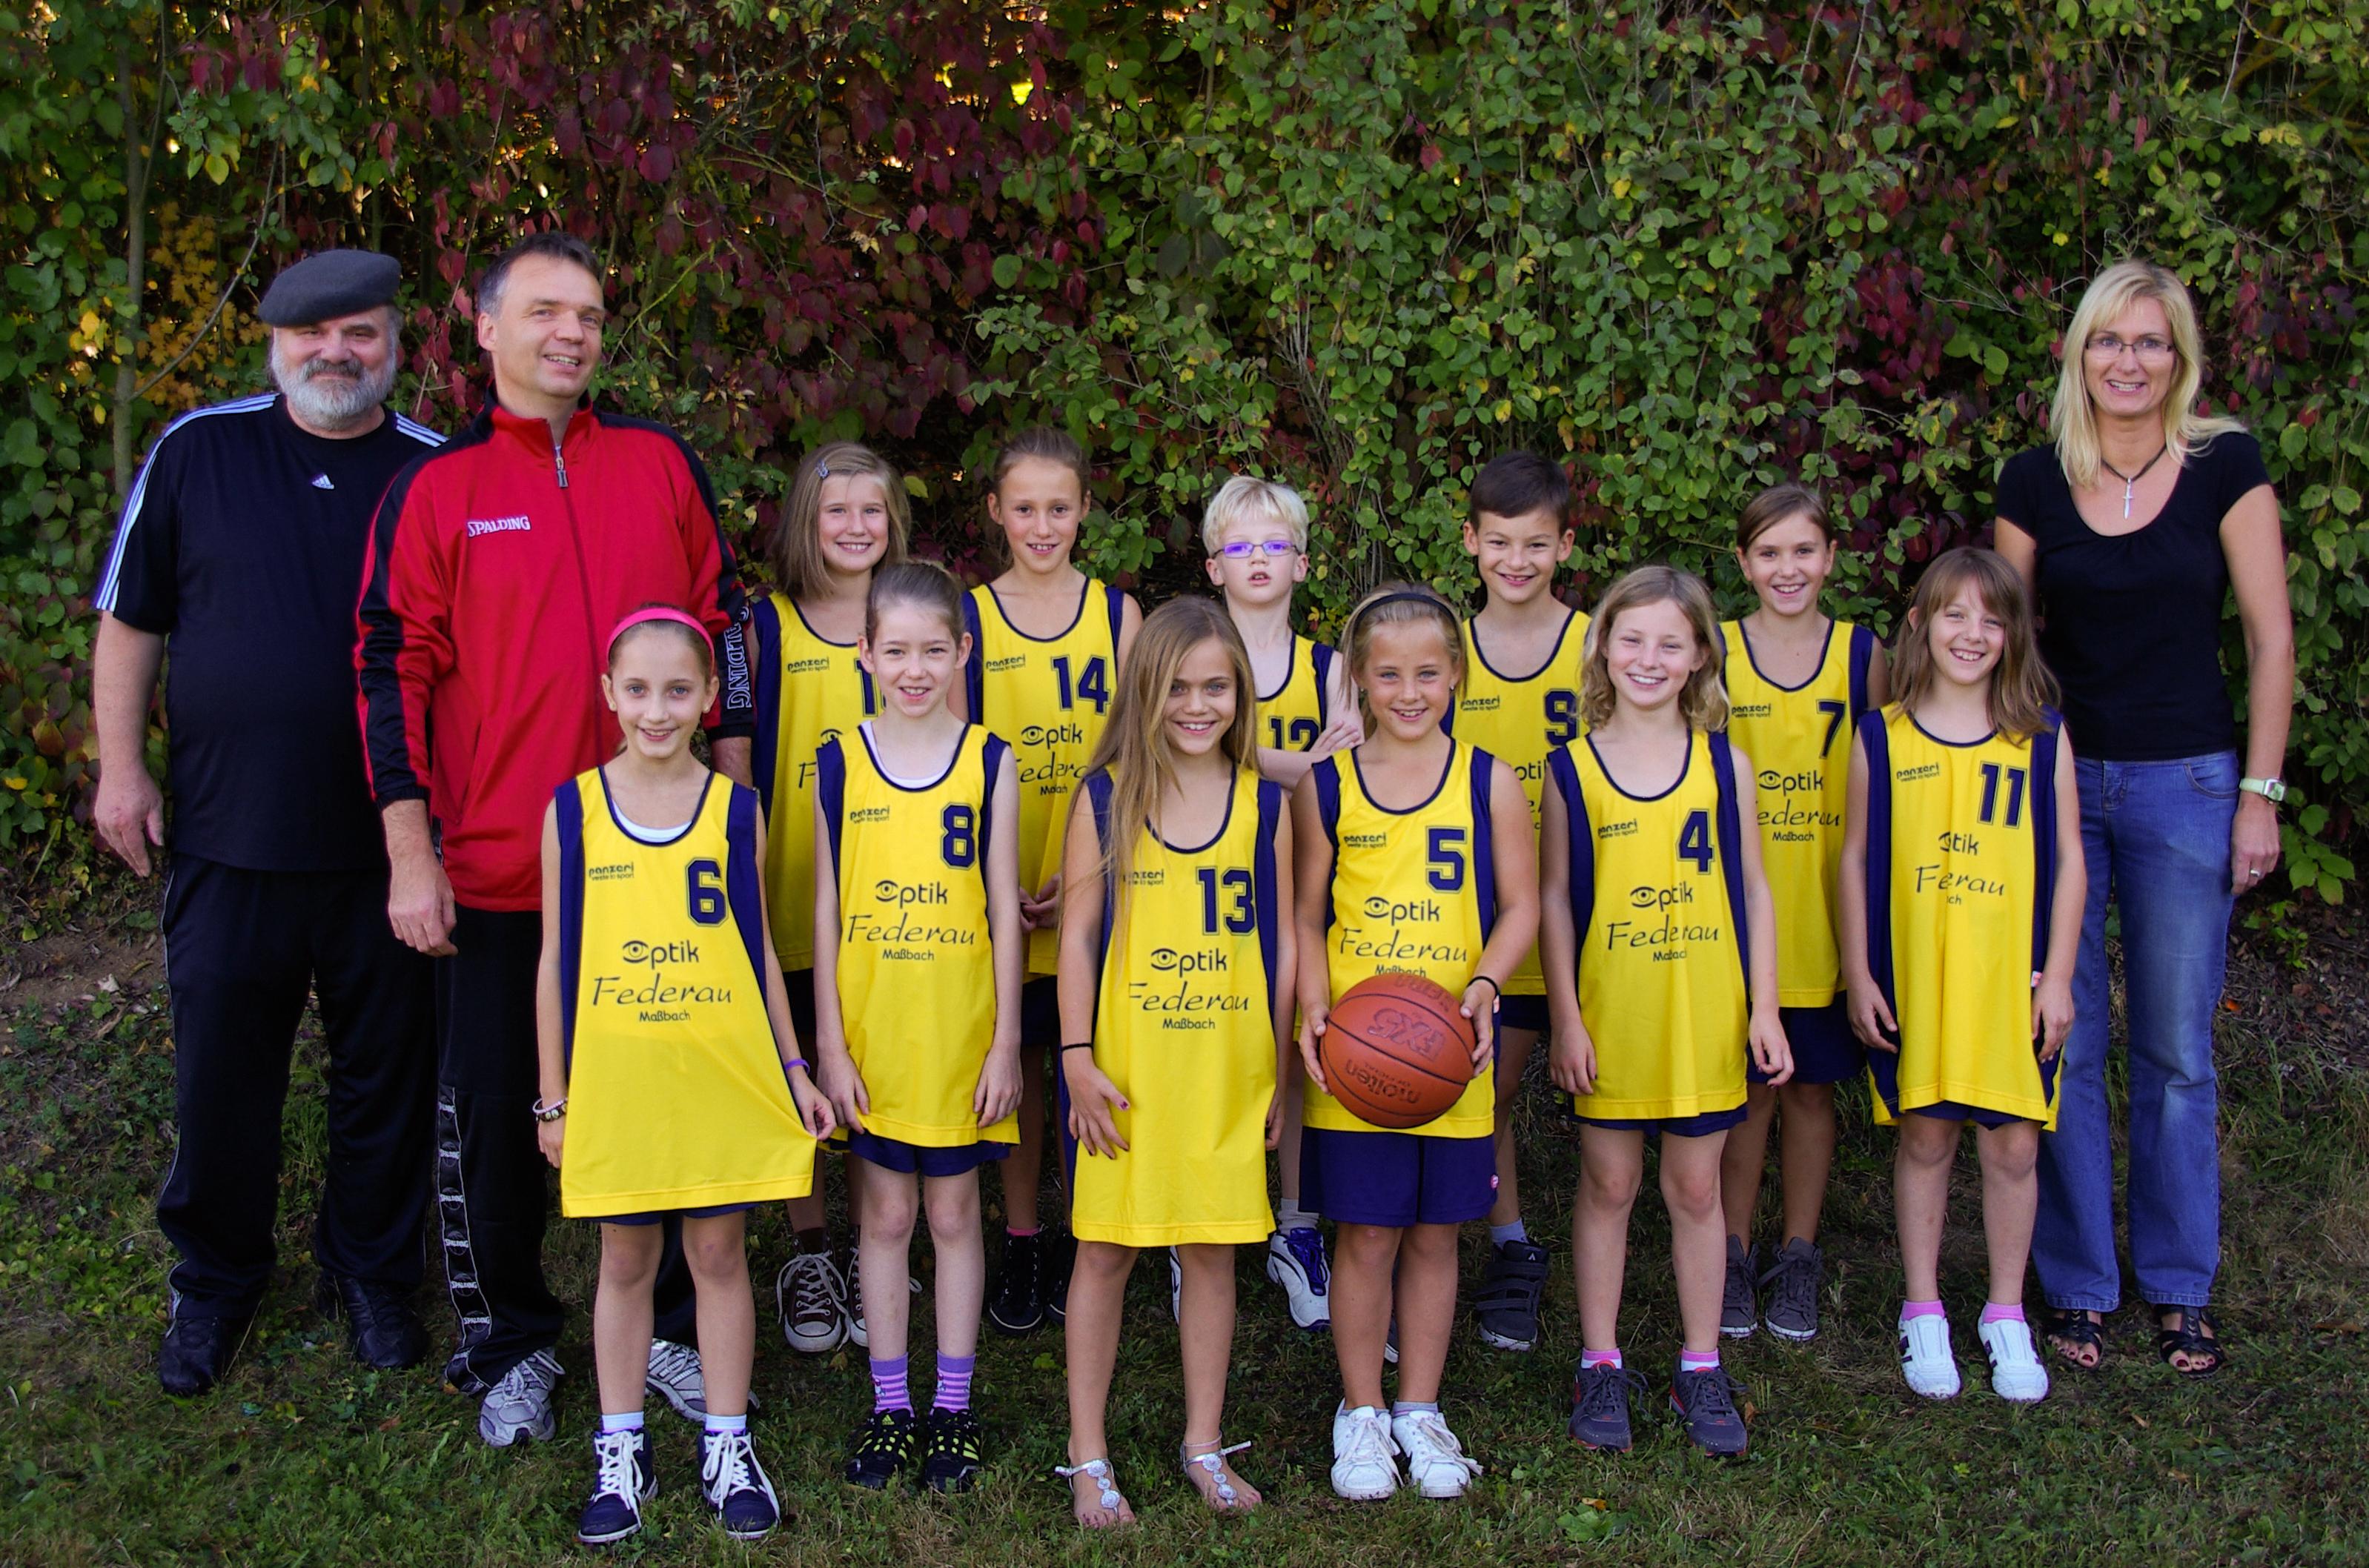 Basketball-Mannschaft 2 -gelbes Trikot -9717